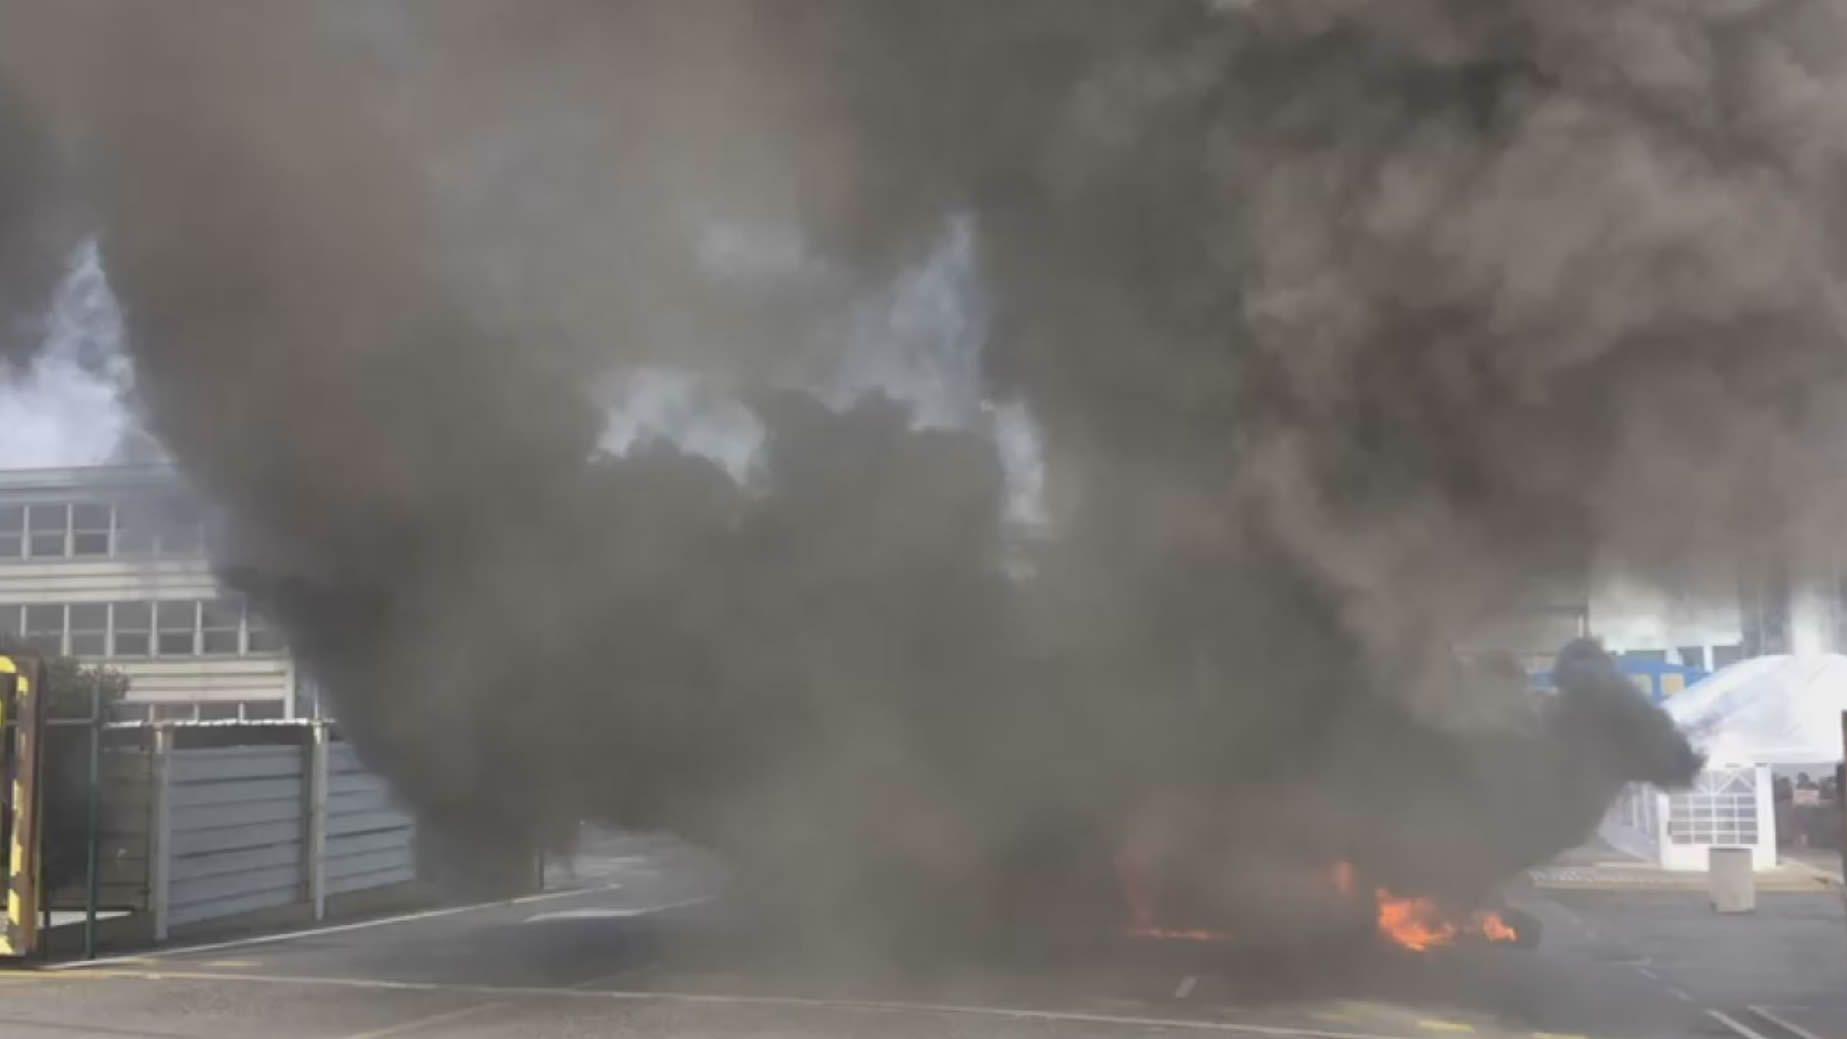 Protestas en Alcoa: el cielo de A Coruña se tiñe de negro en pleno día.Alberto Núñez Feijoo acompaña a Juanma Moreno, candidato del PP a presidir la Junta de Andalucía